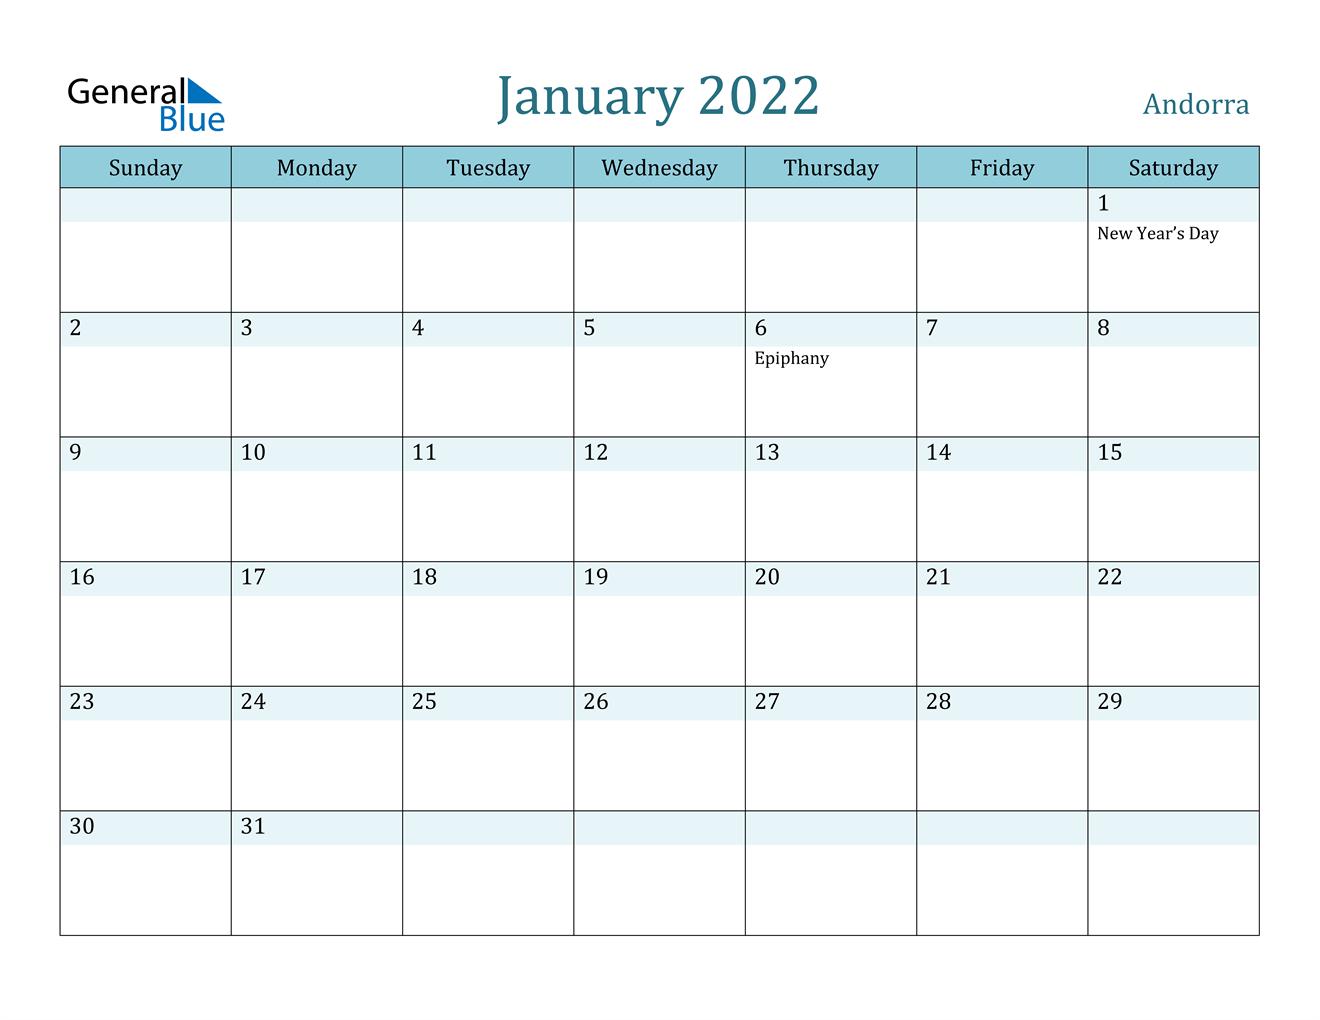 Andorra January 2022 Calendar With Holidays In January 2022 Printable Calendar